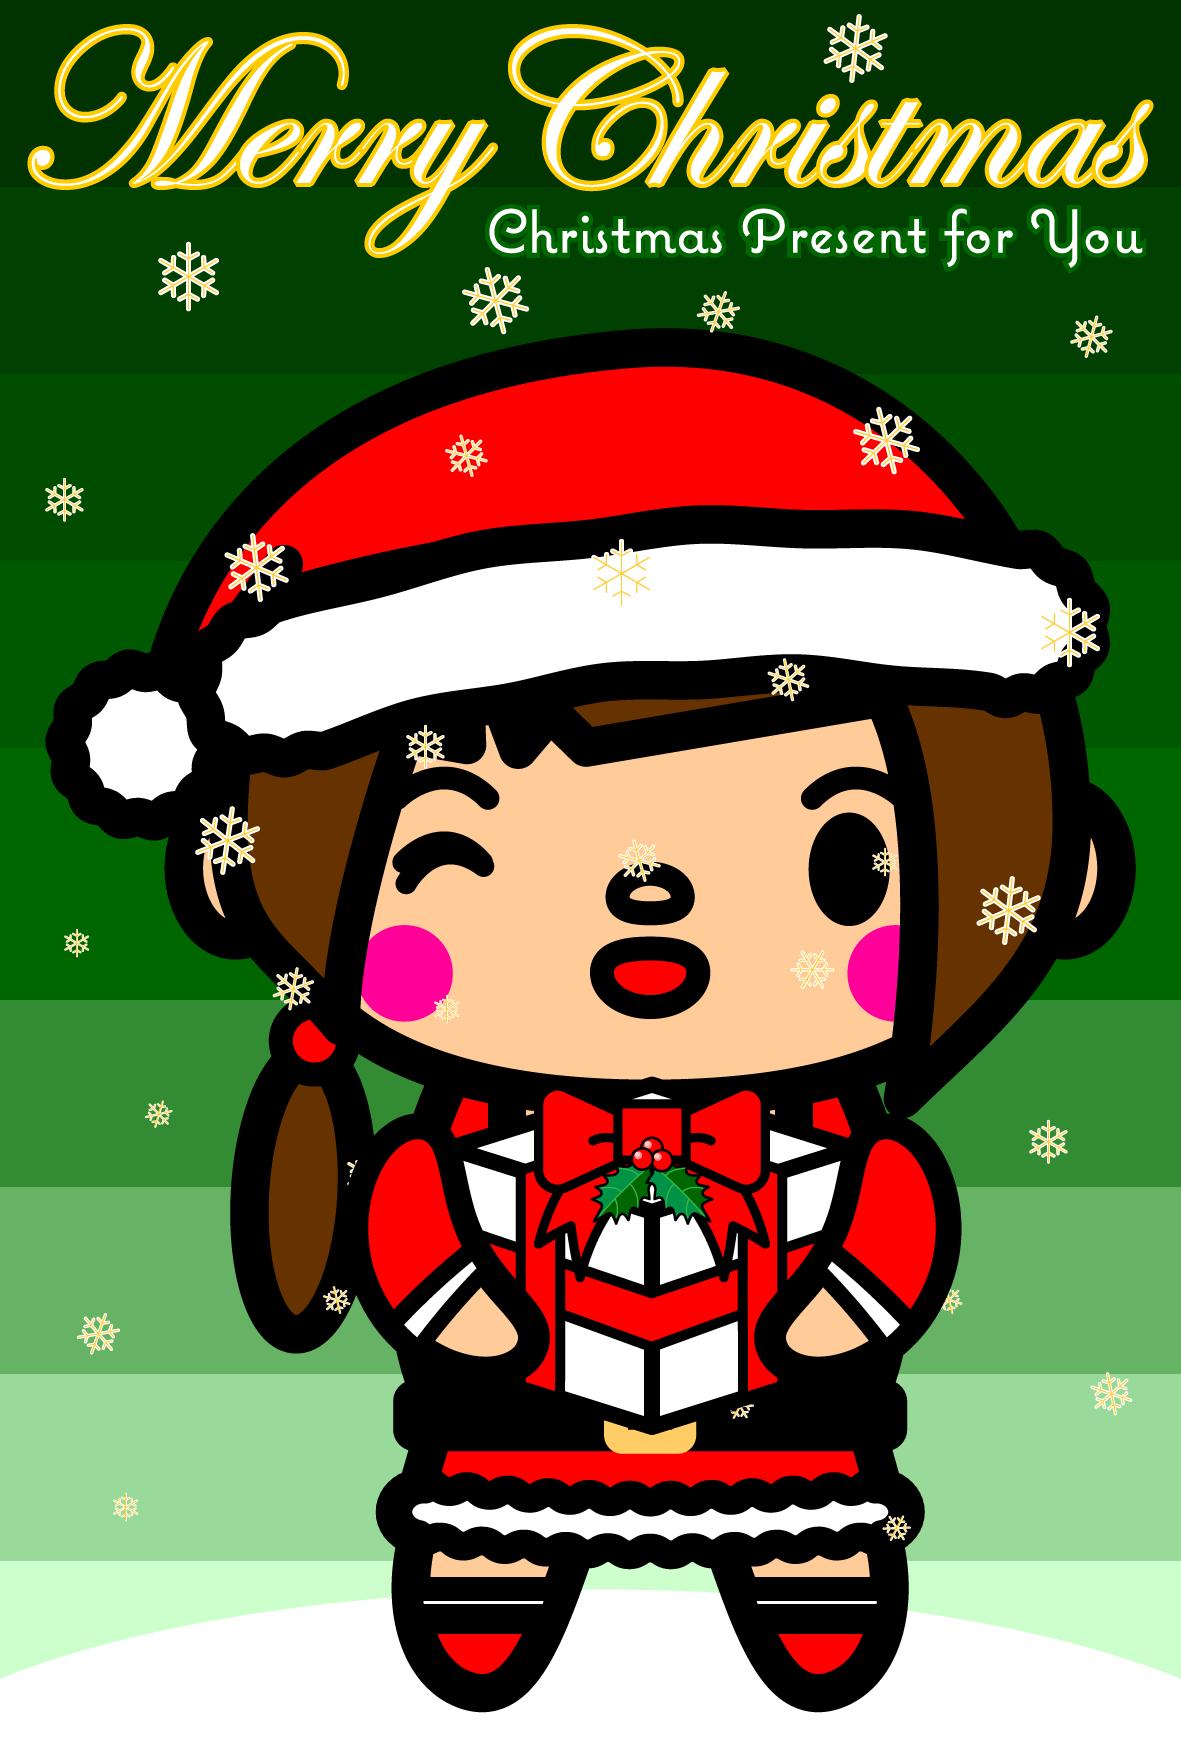 christmas-card-web_santawoman-green